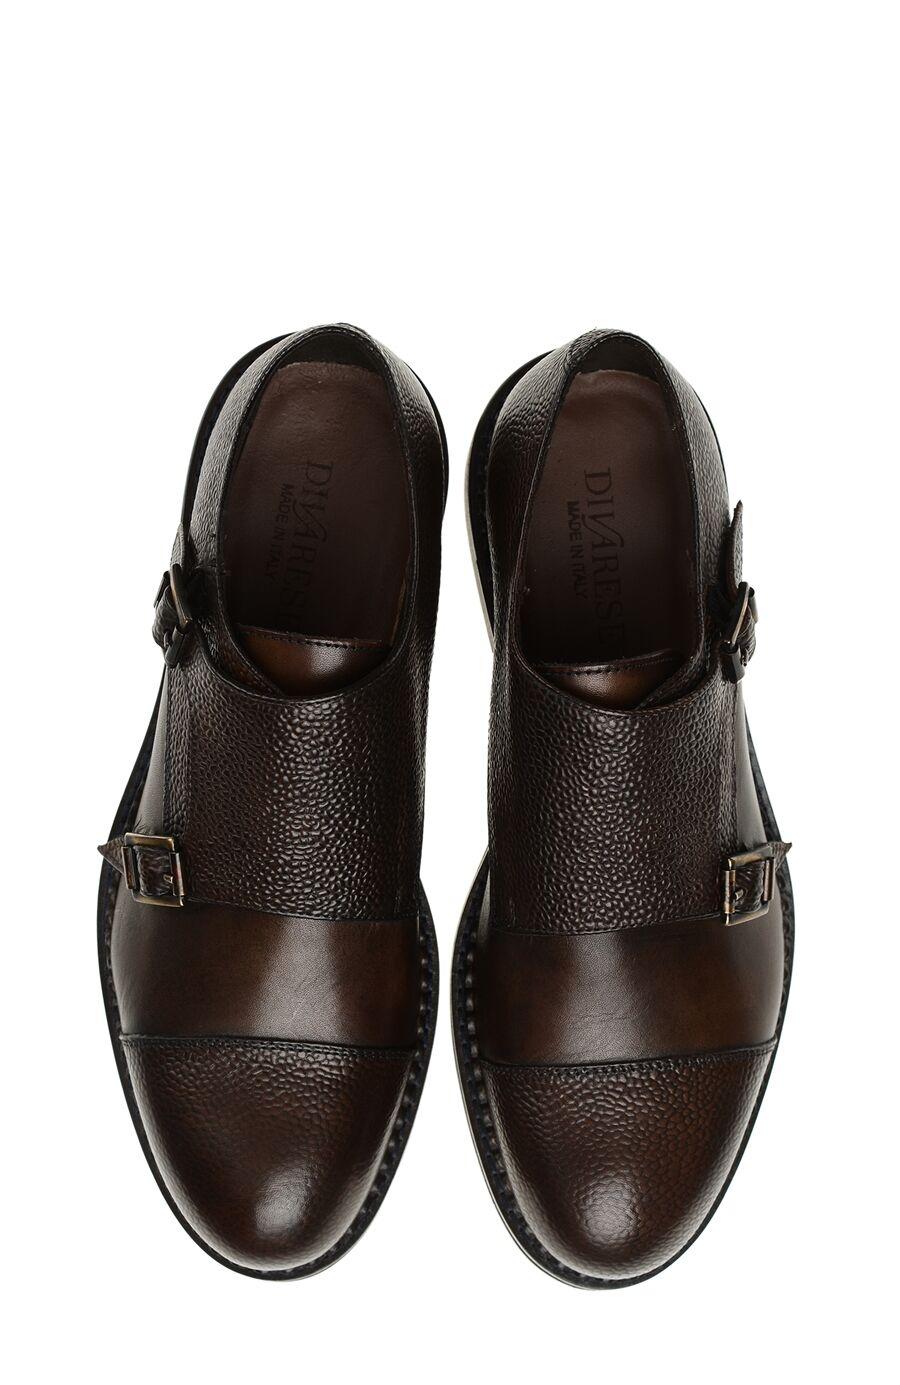 Kahverengi Tokalı Deri Ayakkabı